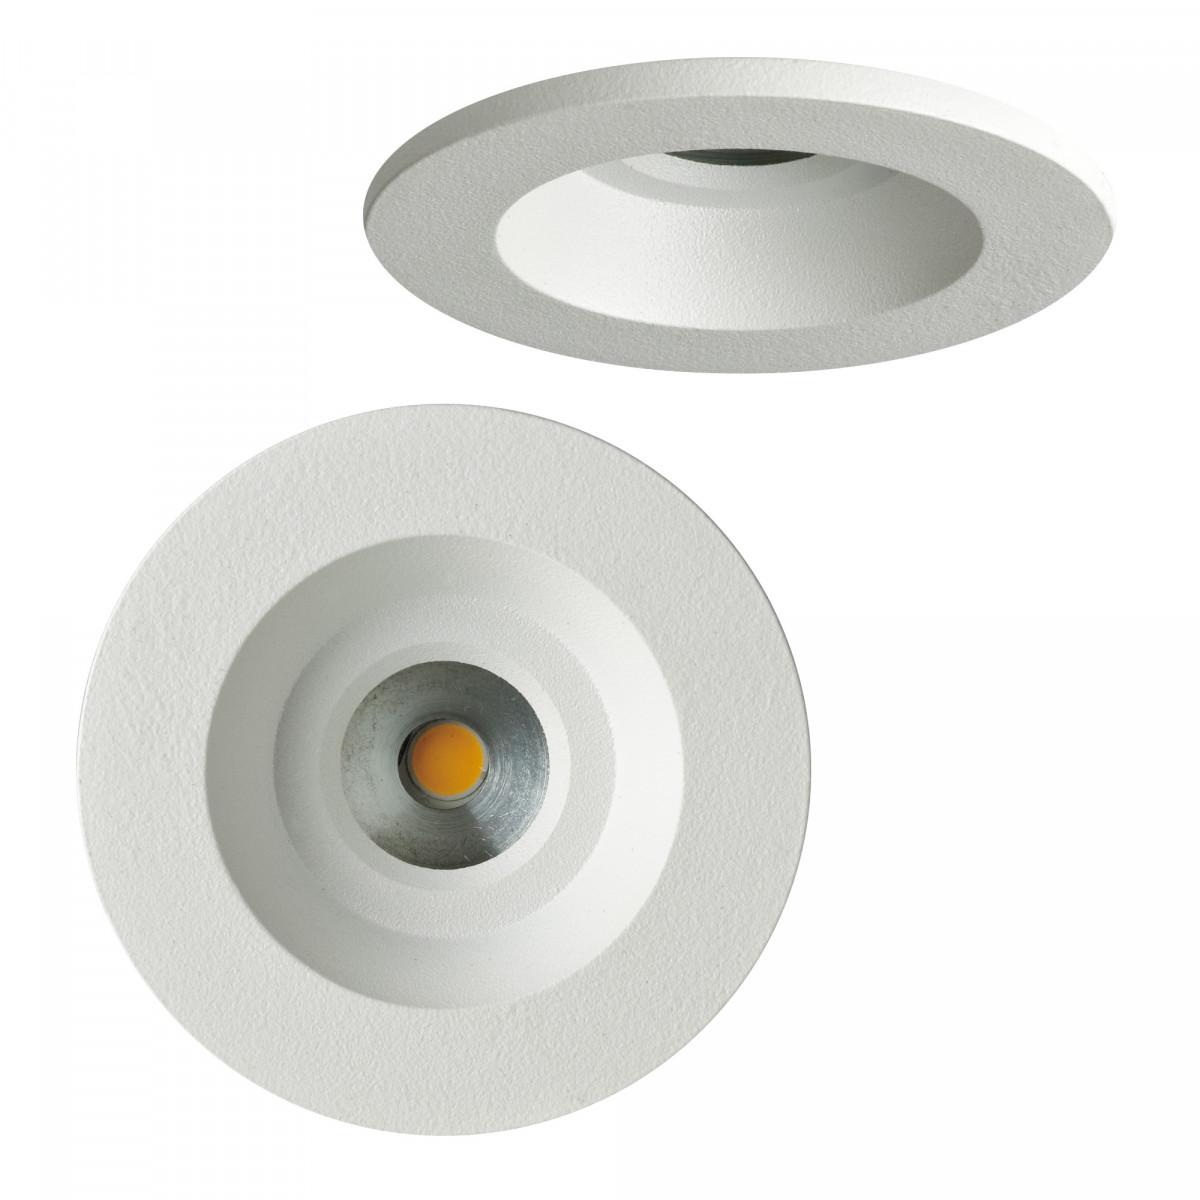 Gevel inbouwspot, inbouw plafond spot voor buiten - KS Verlichting